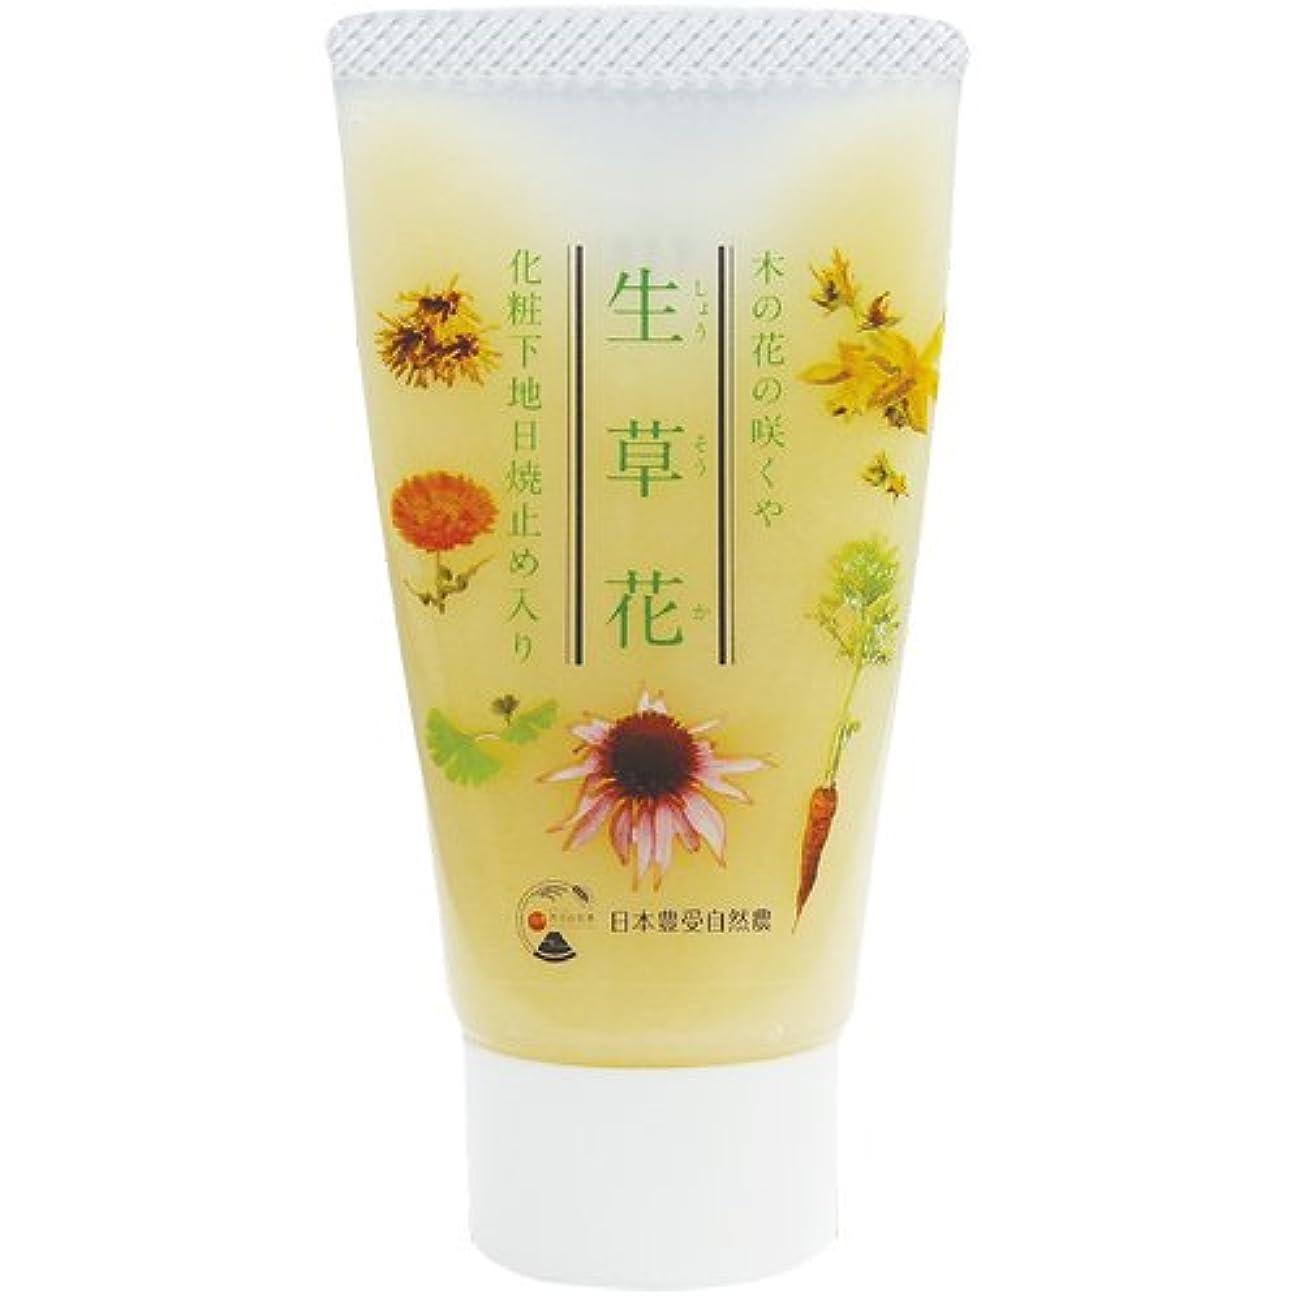 申請中トランペットレーニン主義日本豊受自然農 木の花の咲くや 生草花 化粧下地 日焼け止め入り 30g